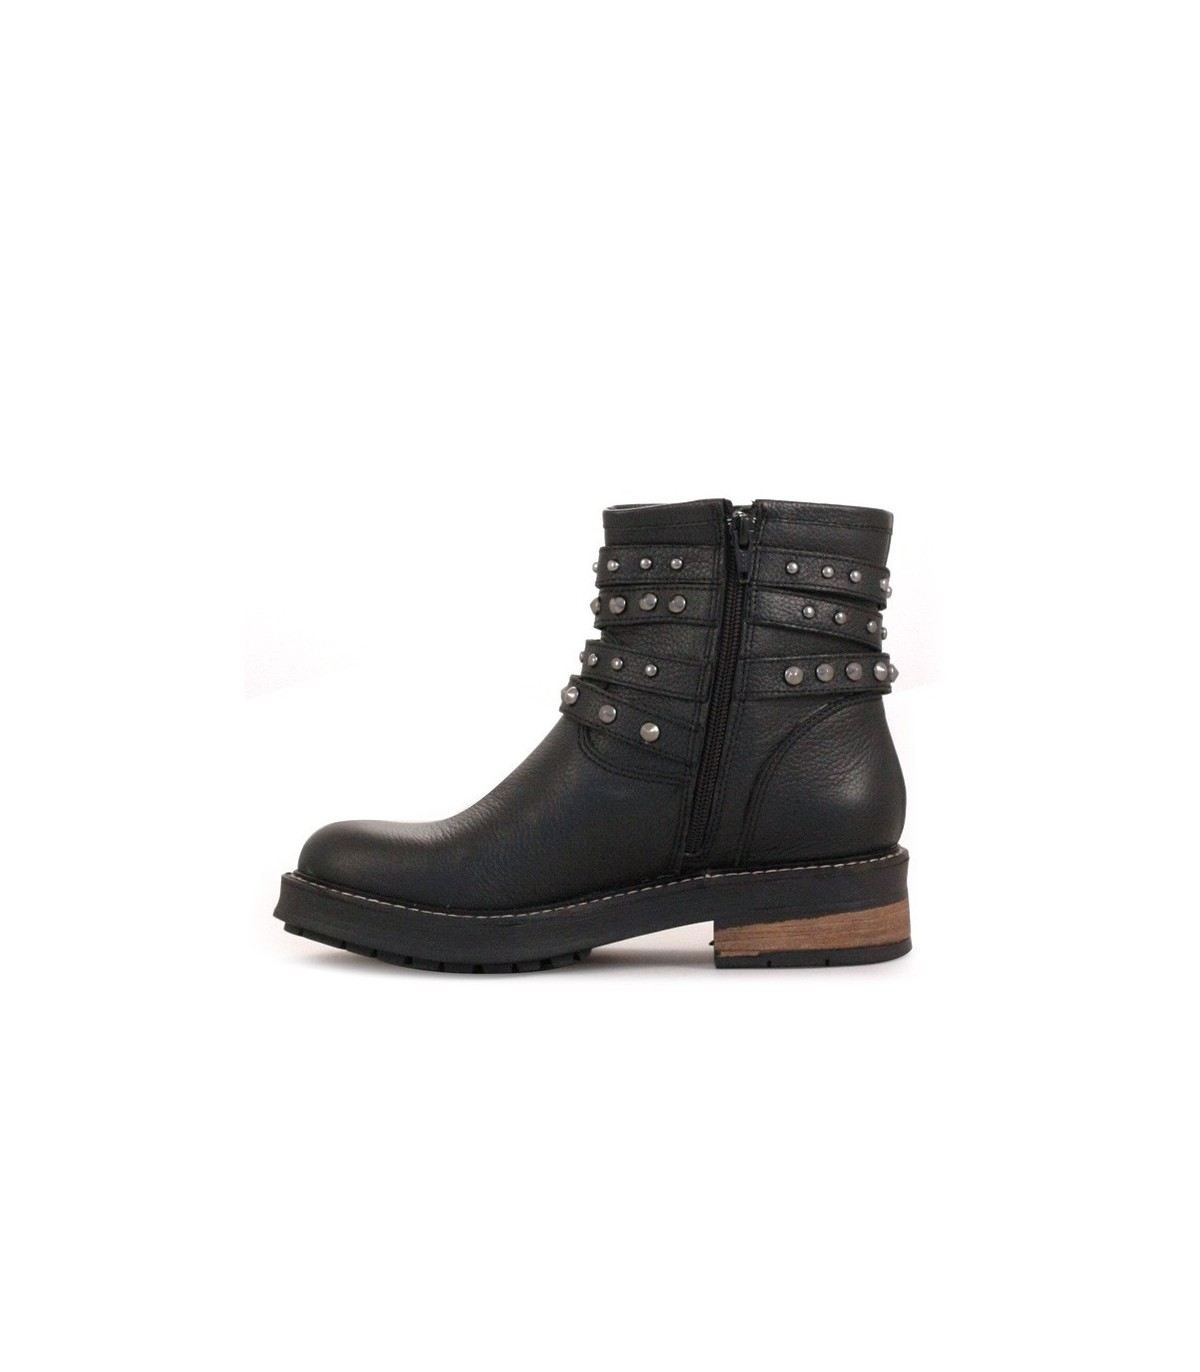 d4dace8a26 Botas de cortas de cuero negro – Botas de mujer – Batistella.com.ar